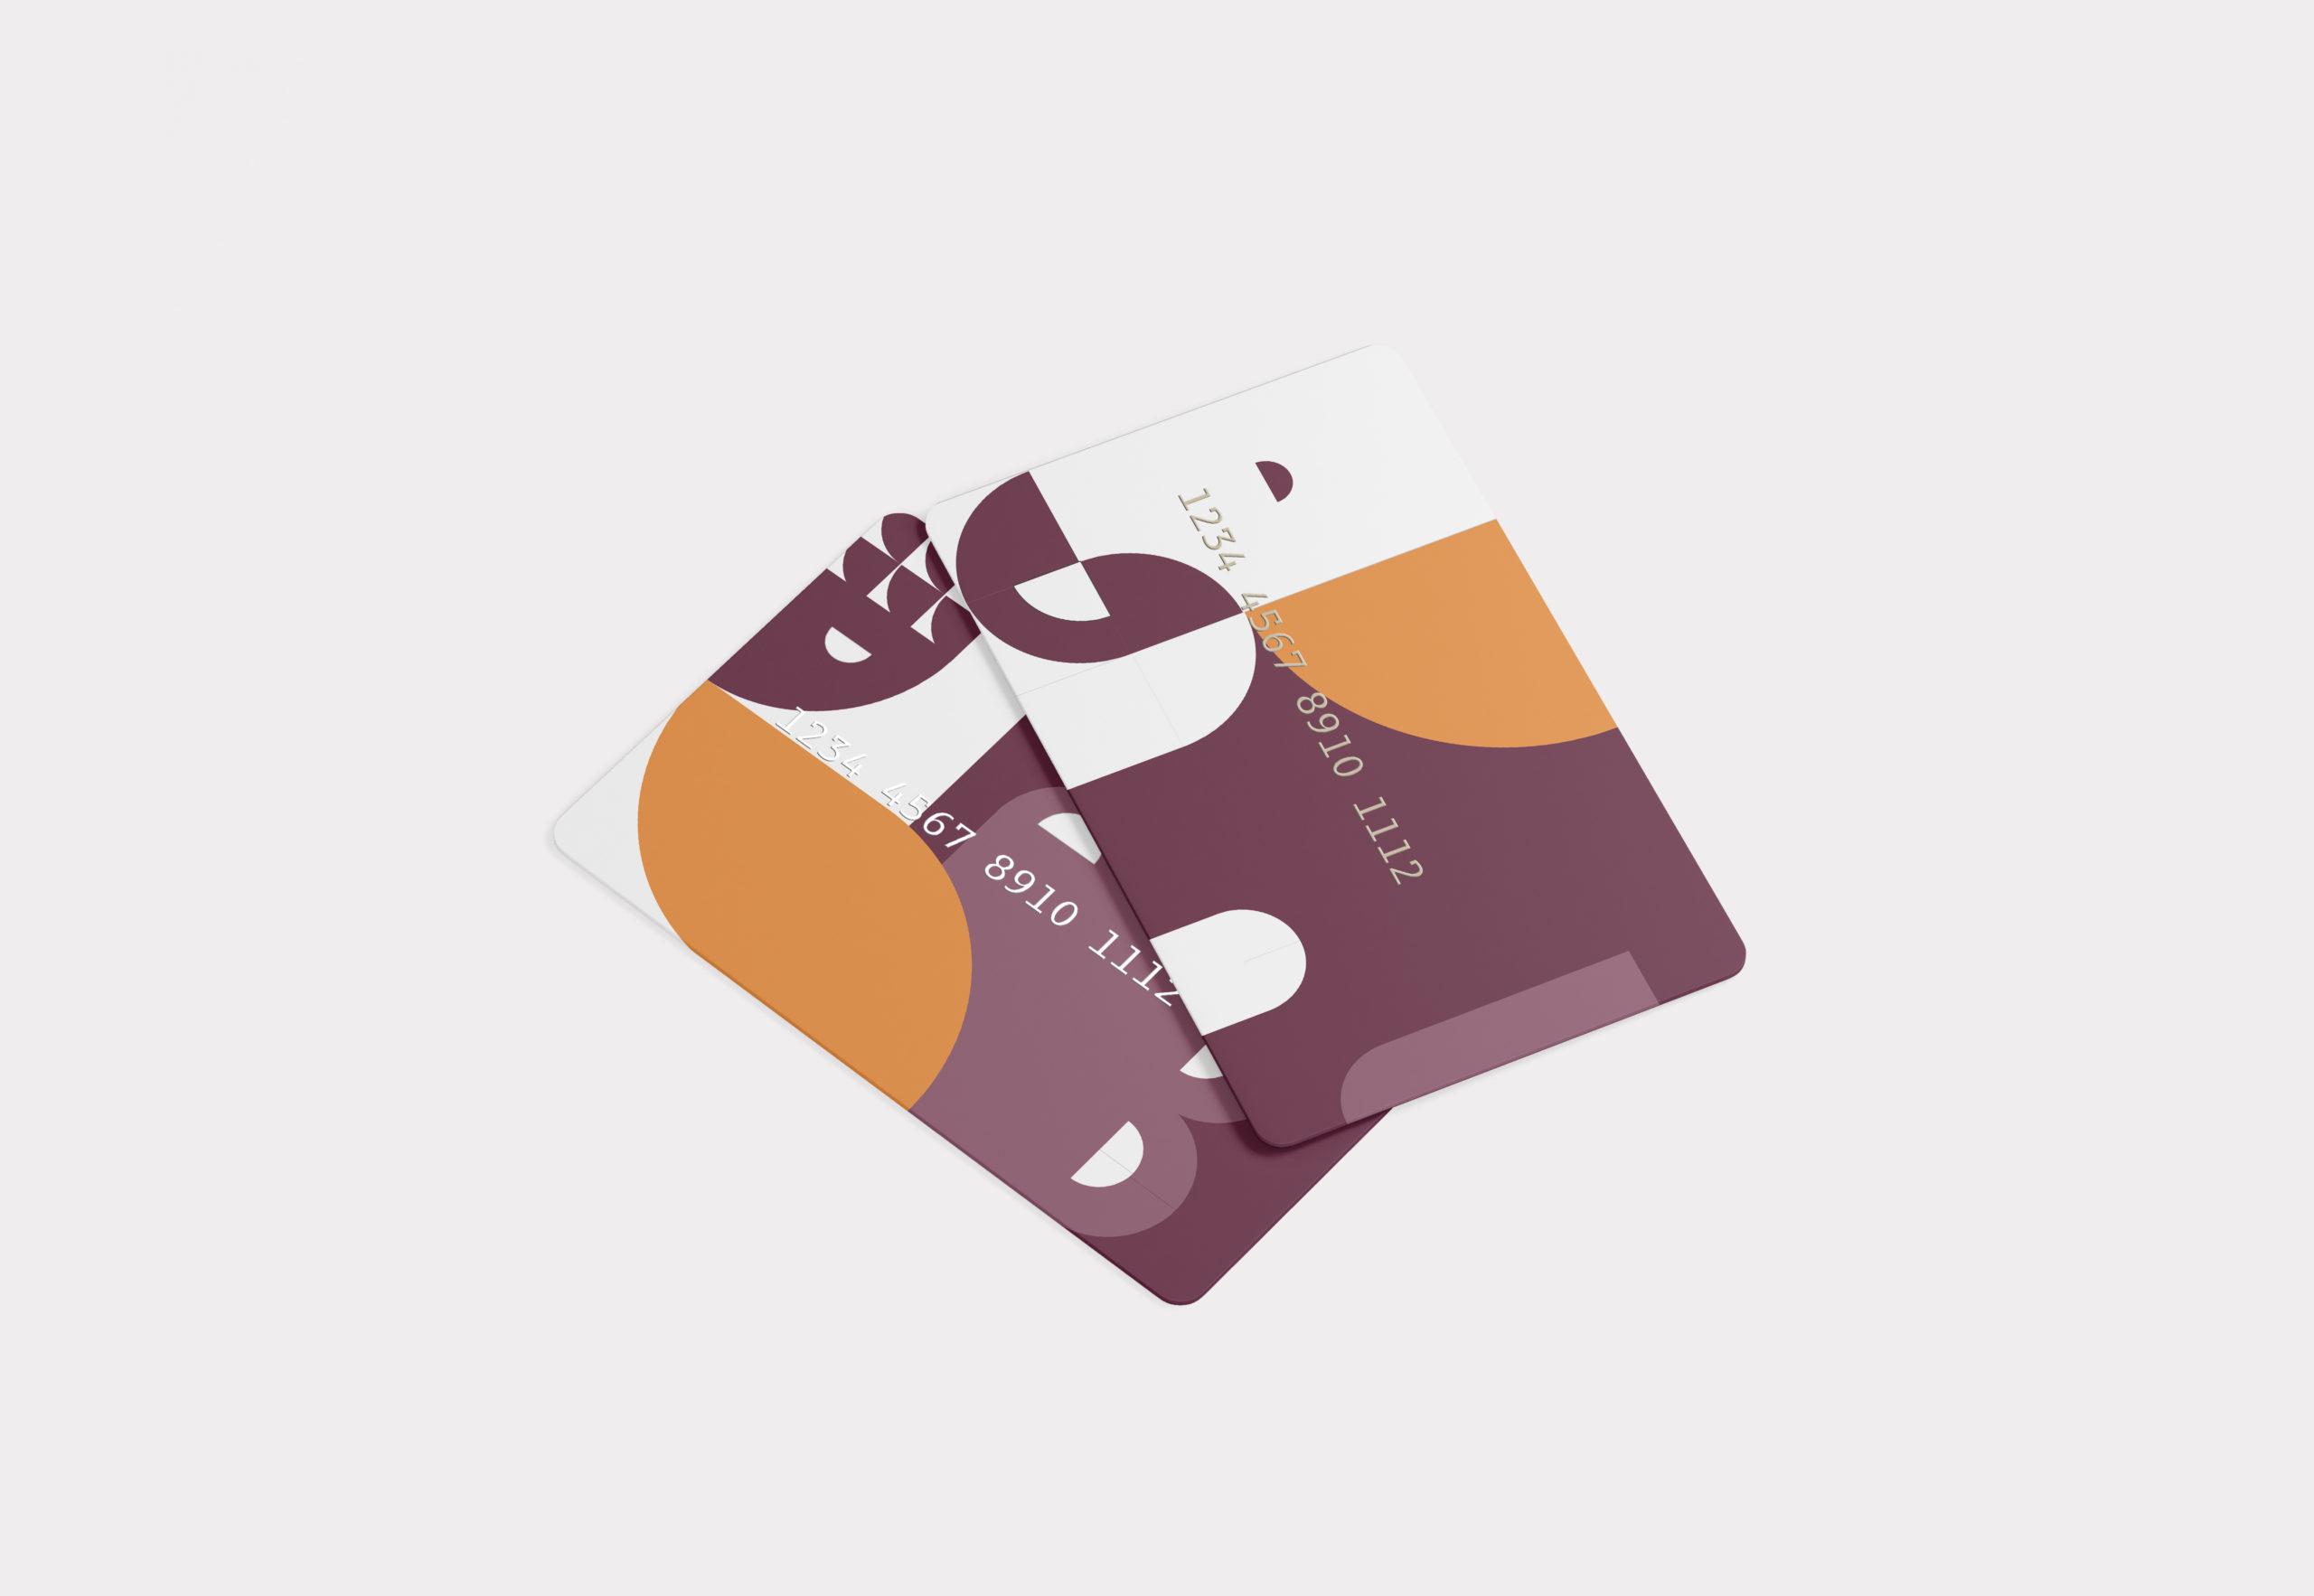 sainscard